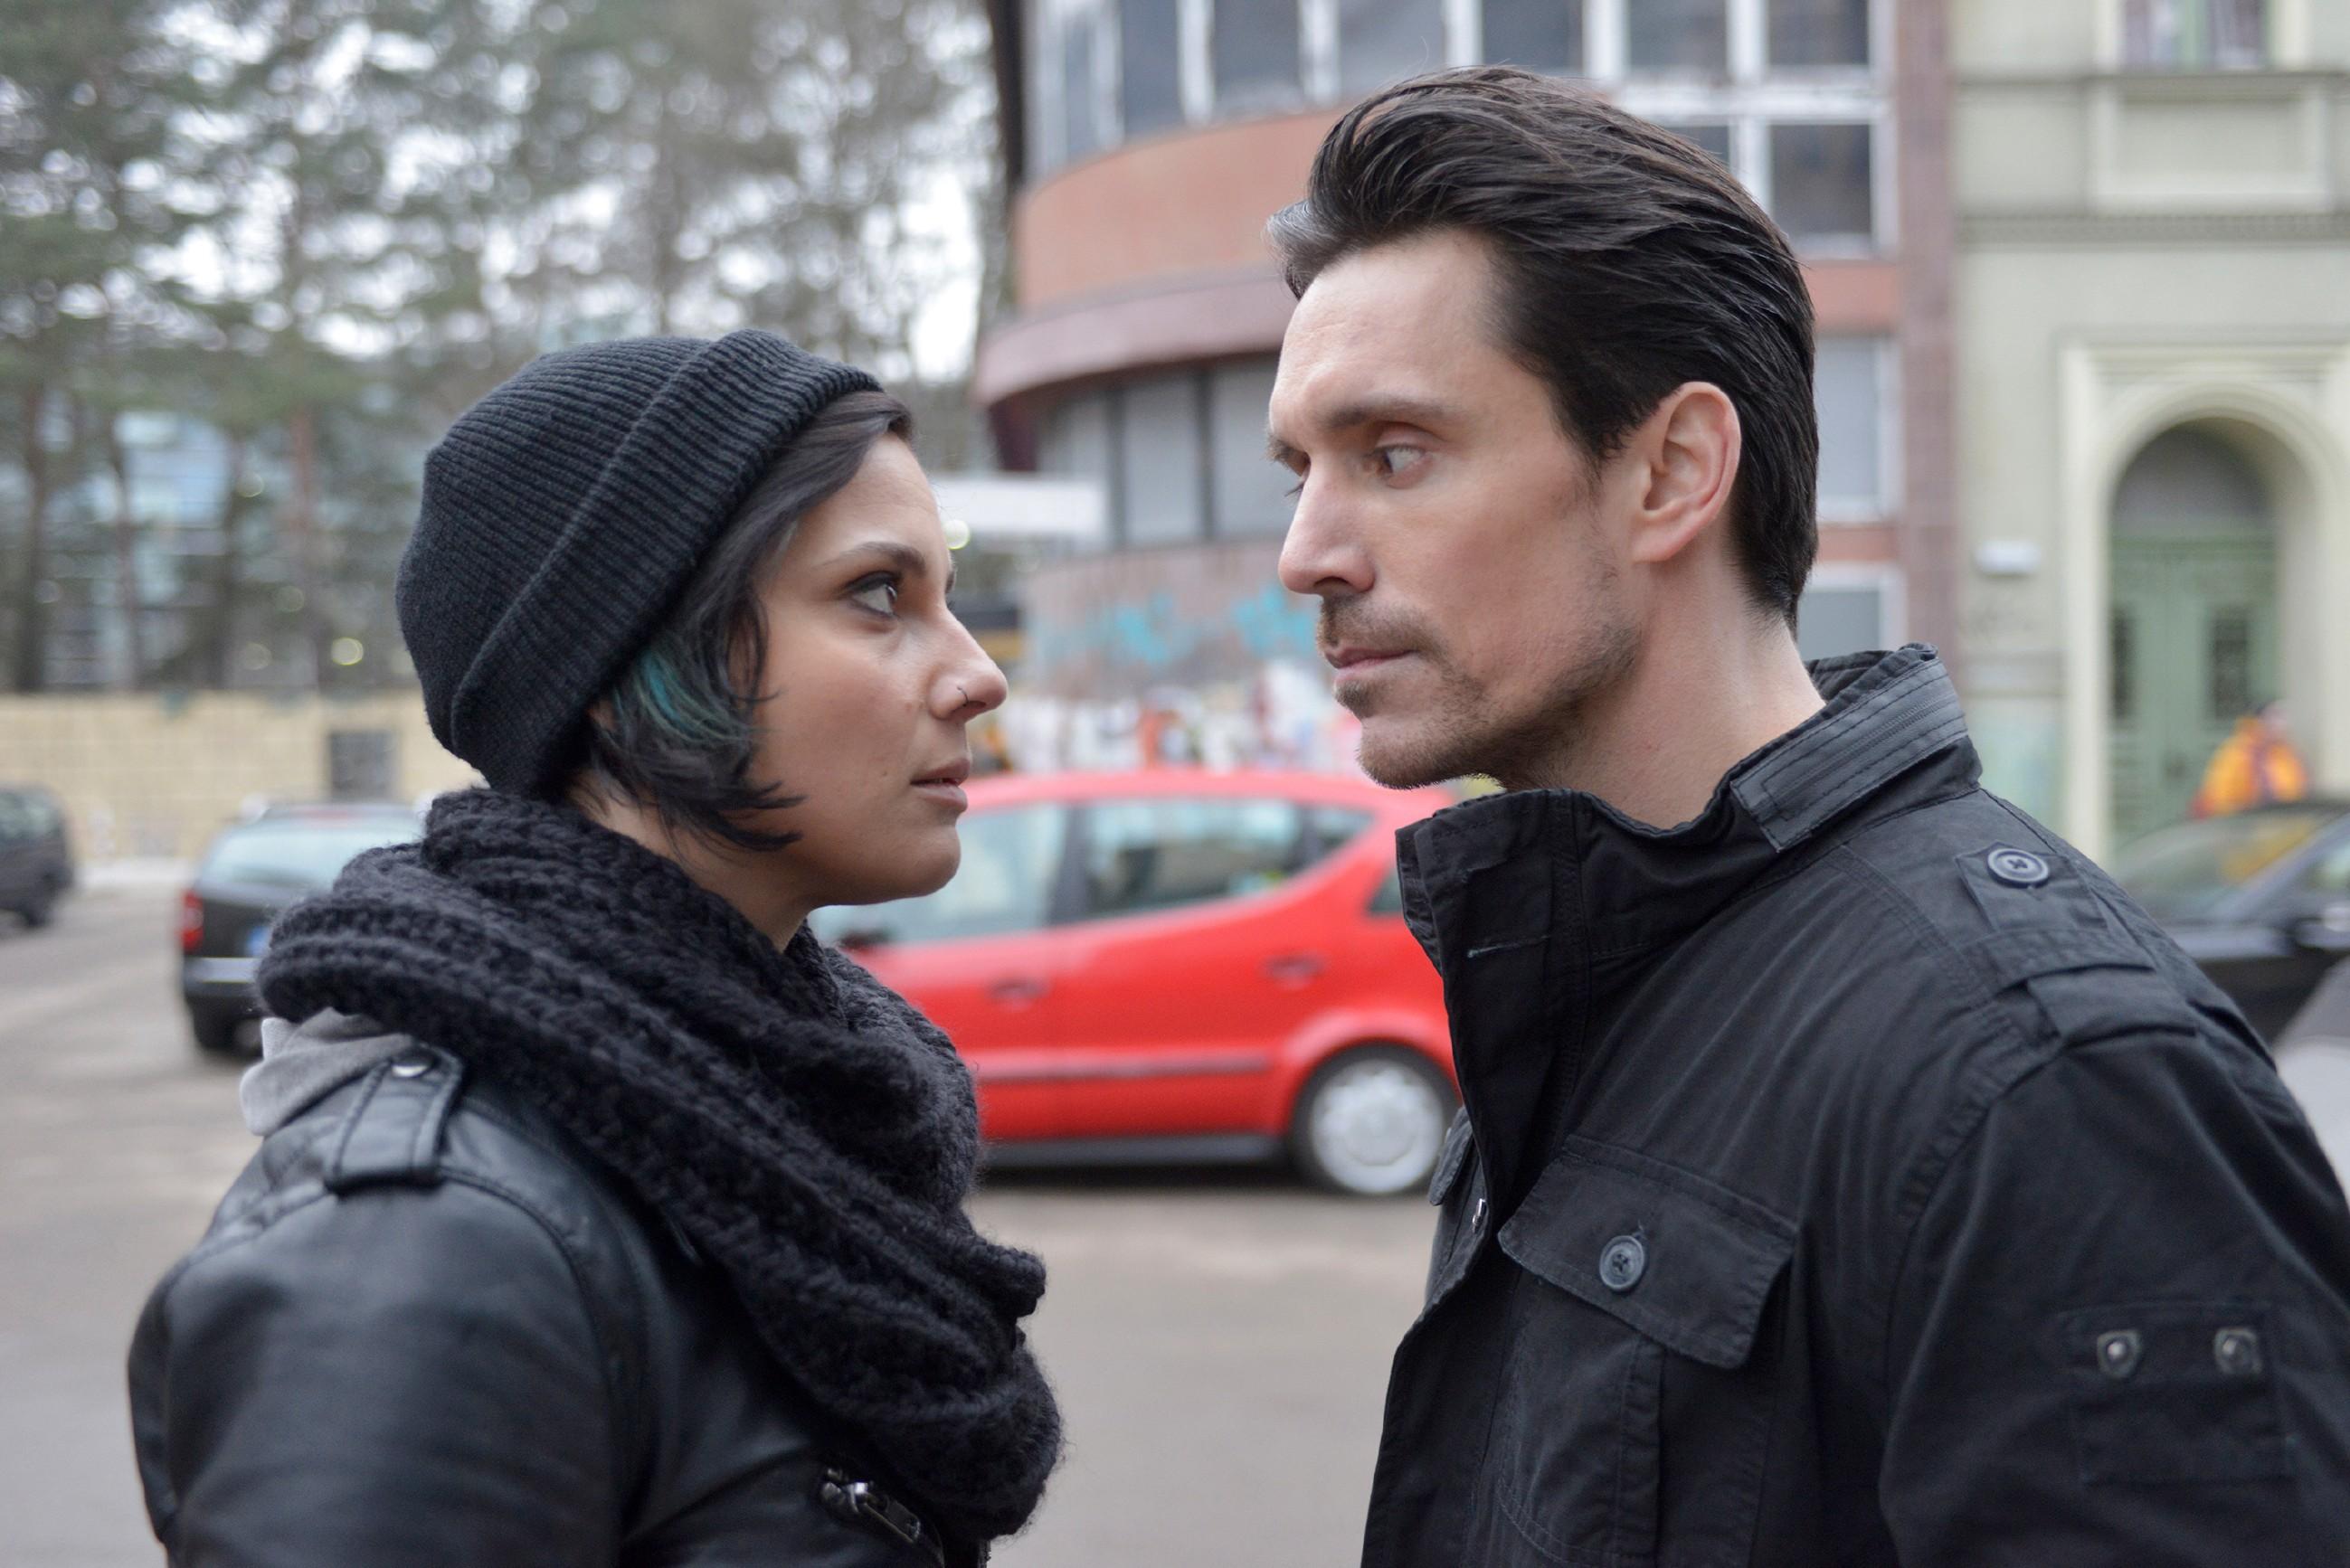 Anni (Linda Marlen Runge) erkennt, dass David (Philipp Christopher) für das Erreichen seiner Ziele zu allem bereit ist... (Quelle: RTL / Rolf Baumgartner)